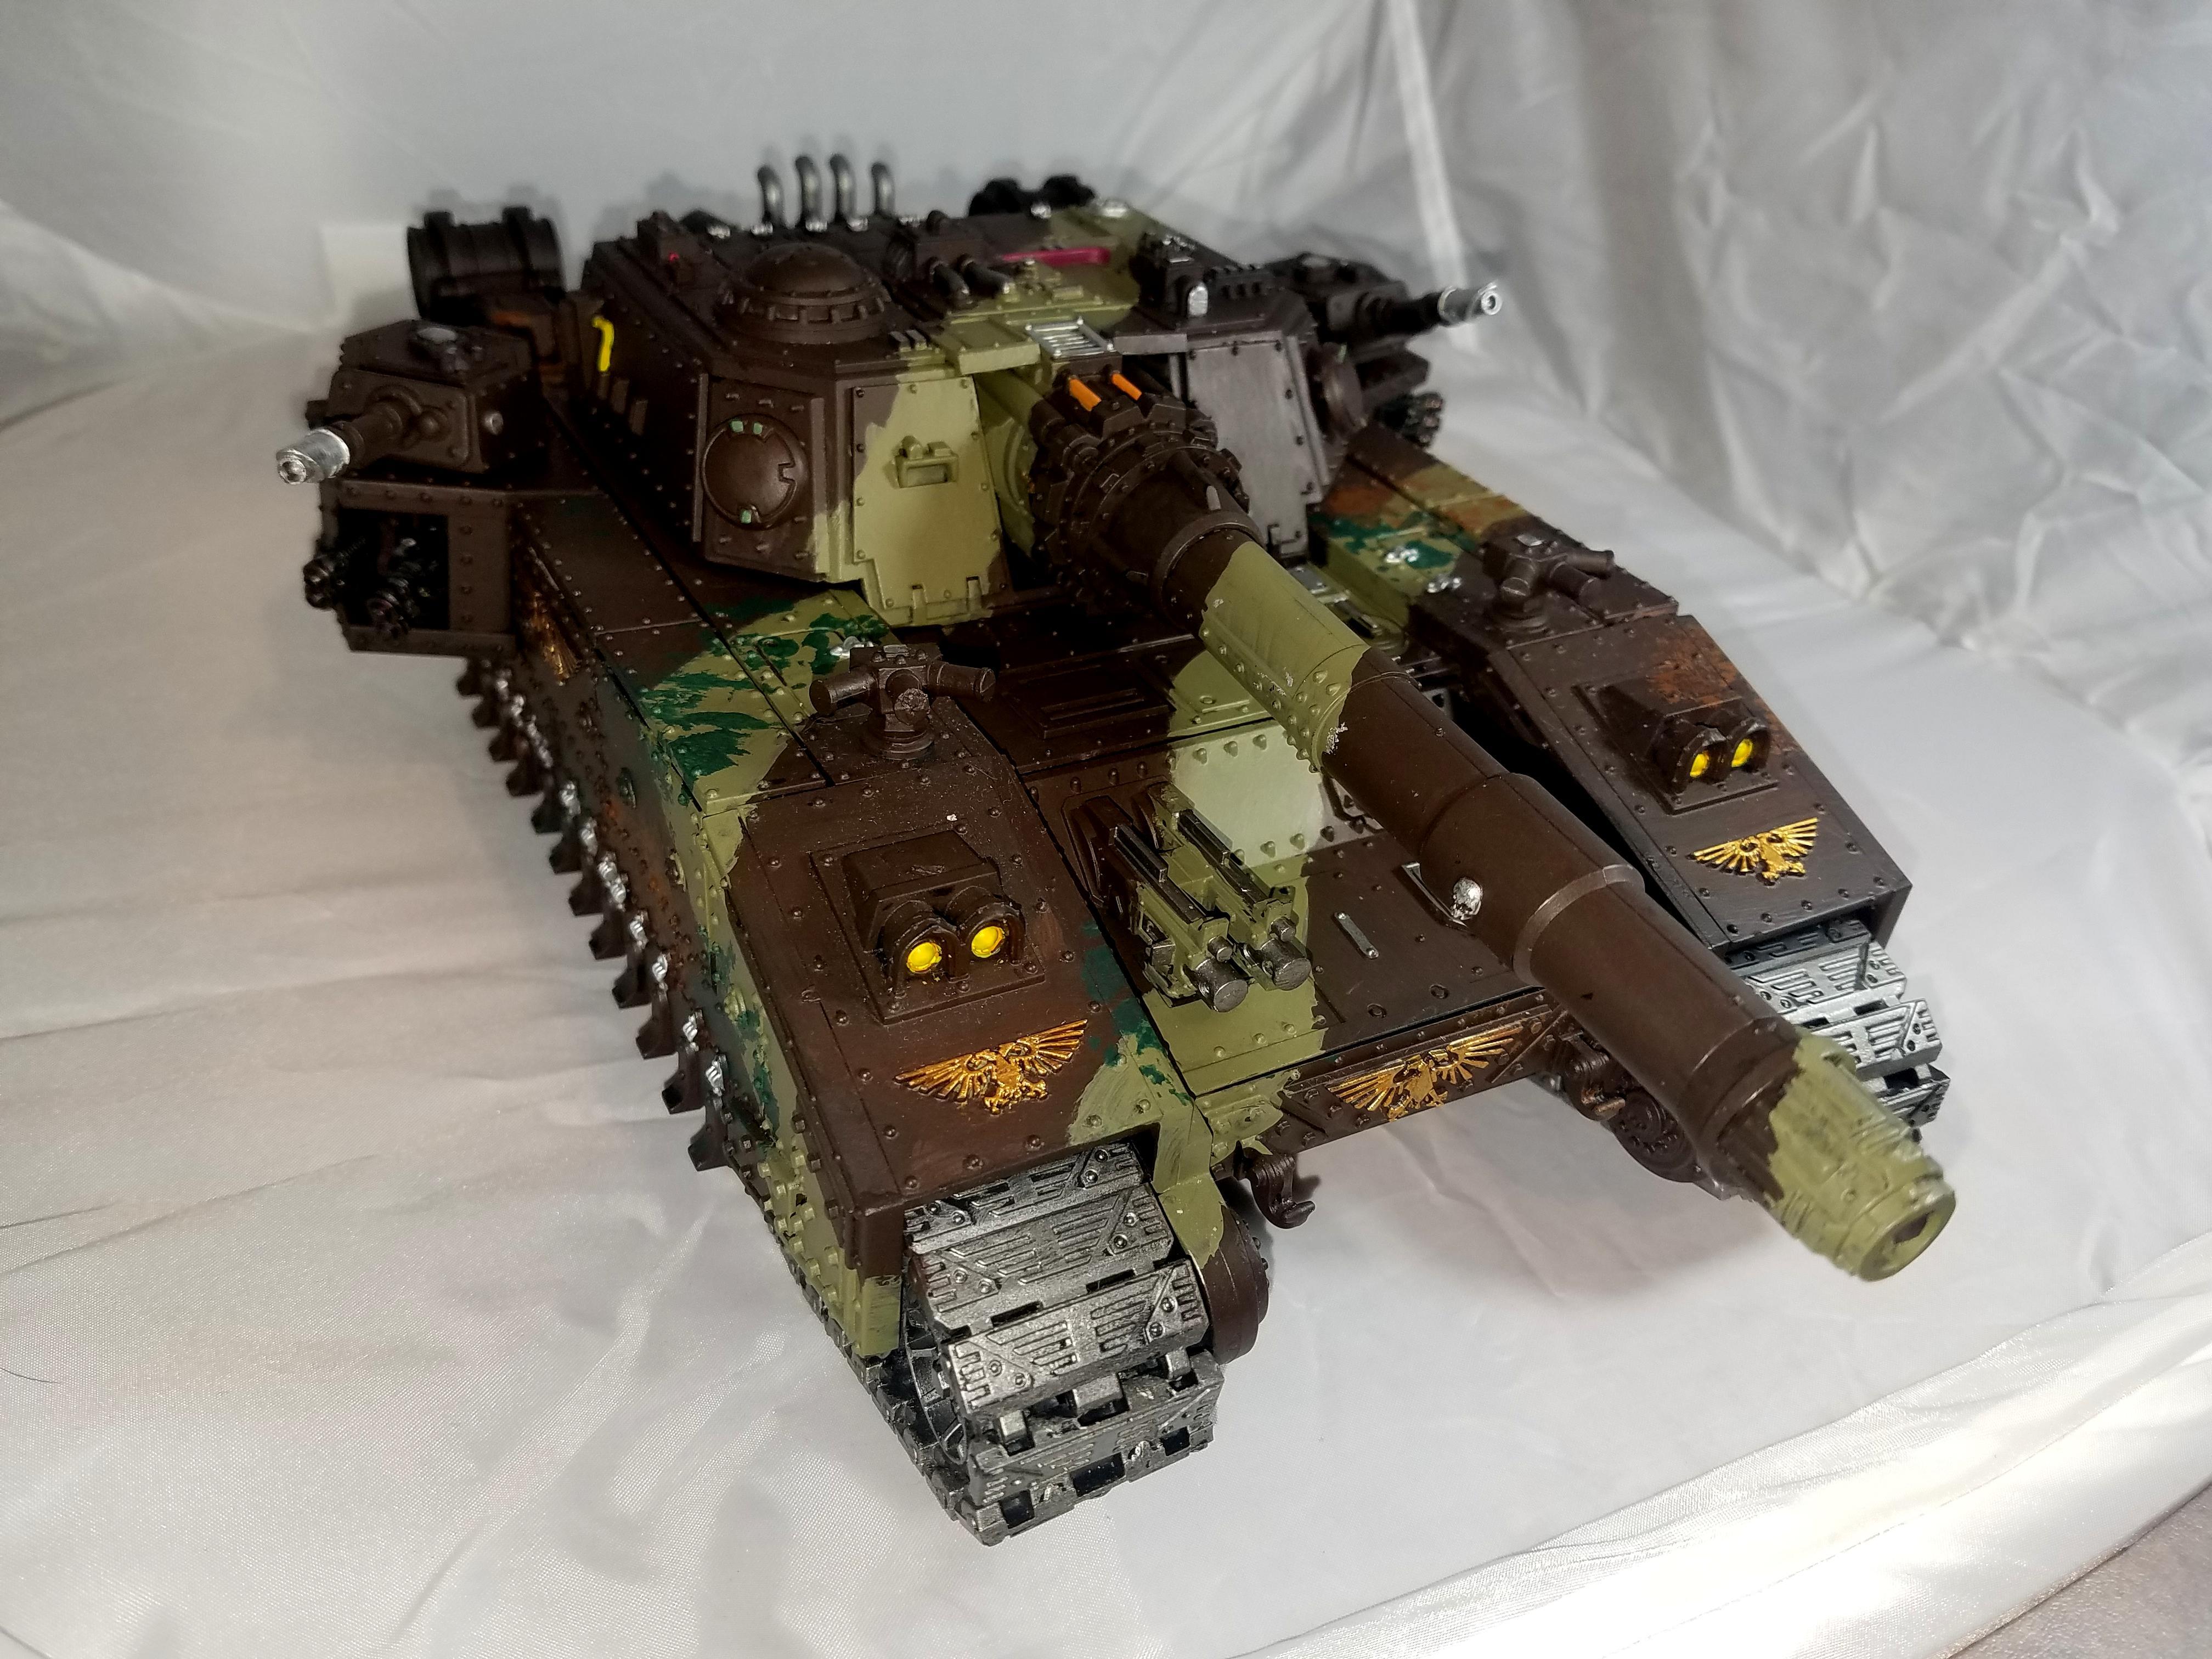 Hexblade 15